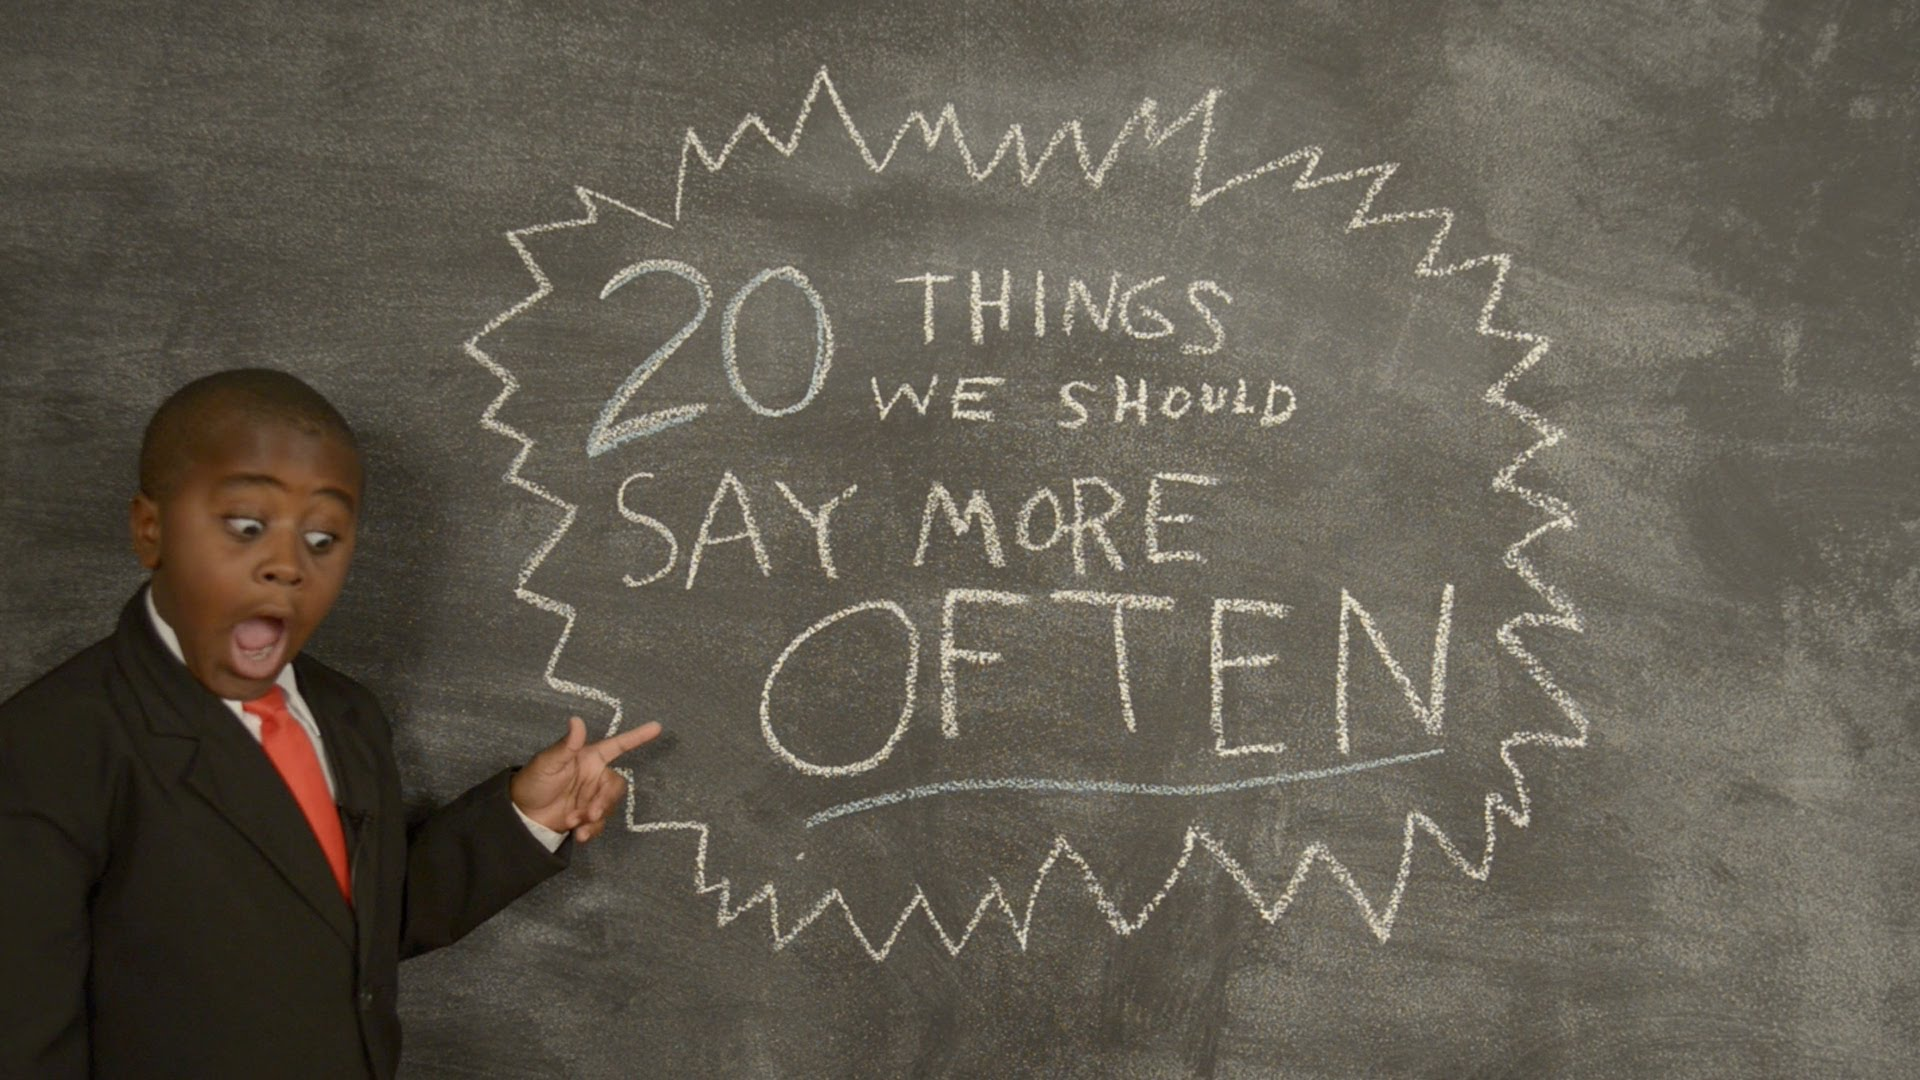 「二十句讓世界更美好的話」- Kid President's 20 Things We Should Say More Often